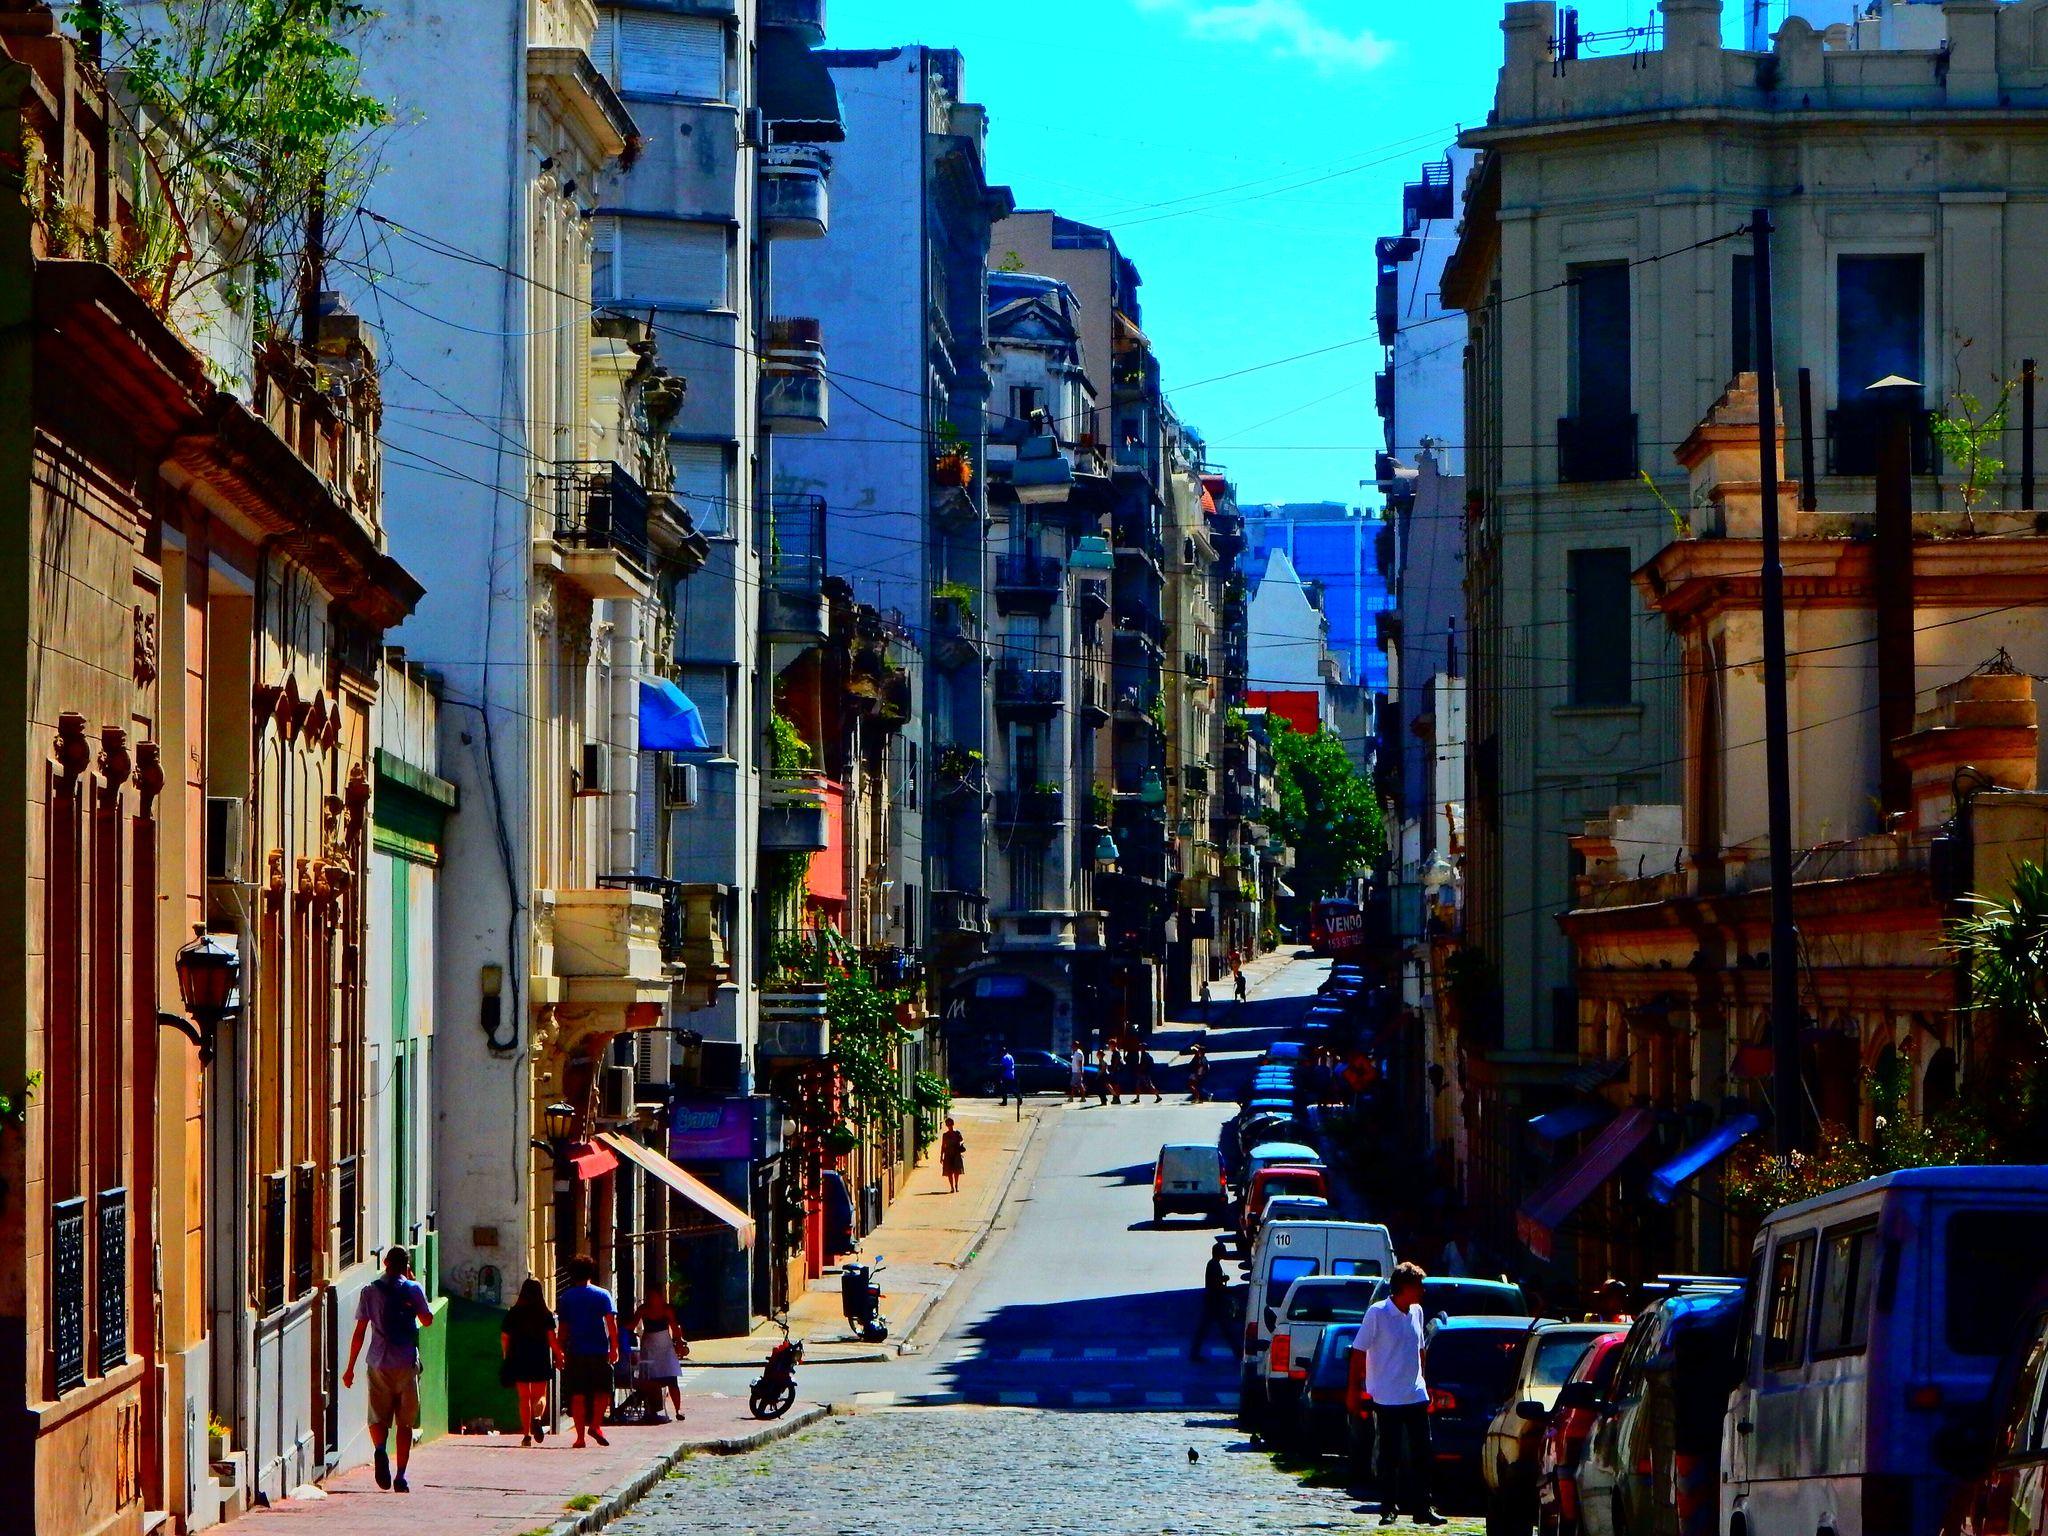 Calle Carlos Calvo San Telmo Bueos Aires Havana Cuba Cuba Street View